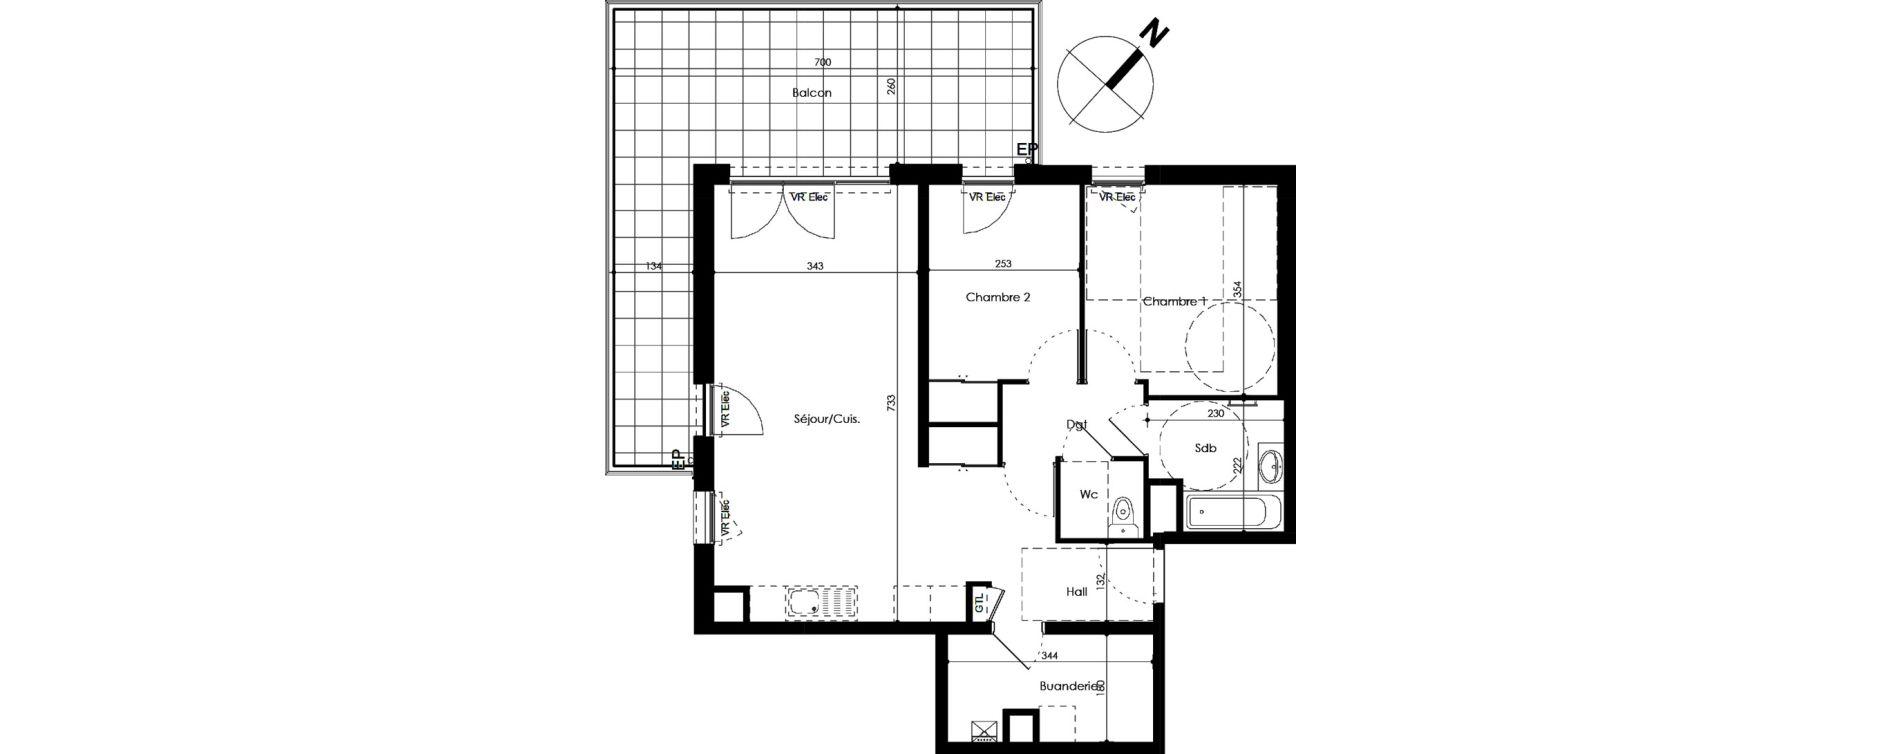 Appartement T3 de 68,95 m2 Crozet Centre